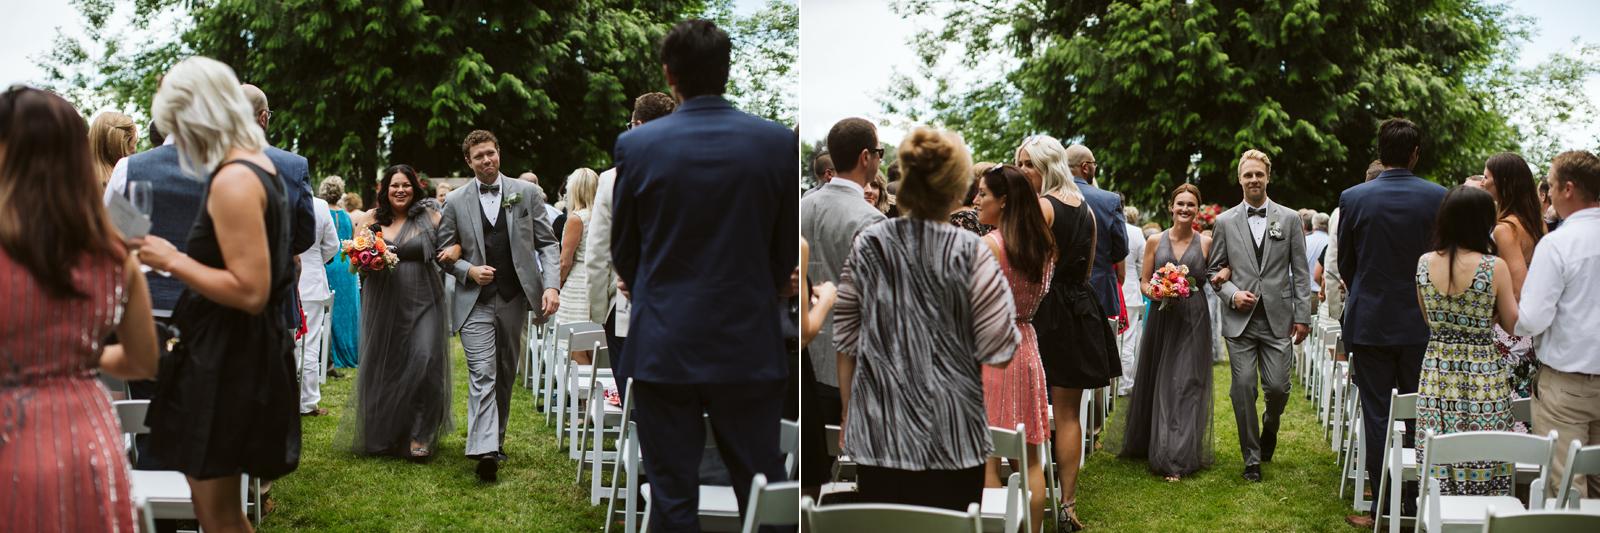 095-daronjackson-gabby-alec-wedding.jpg